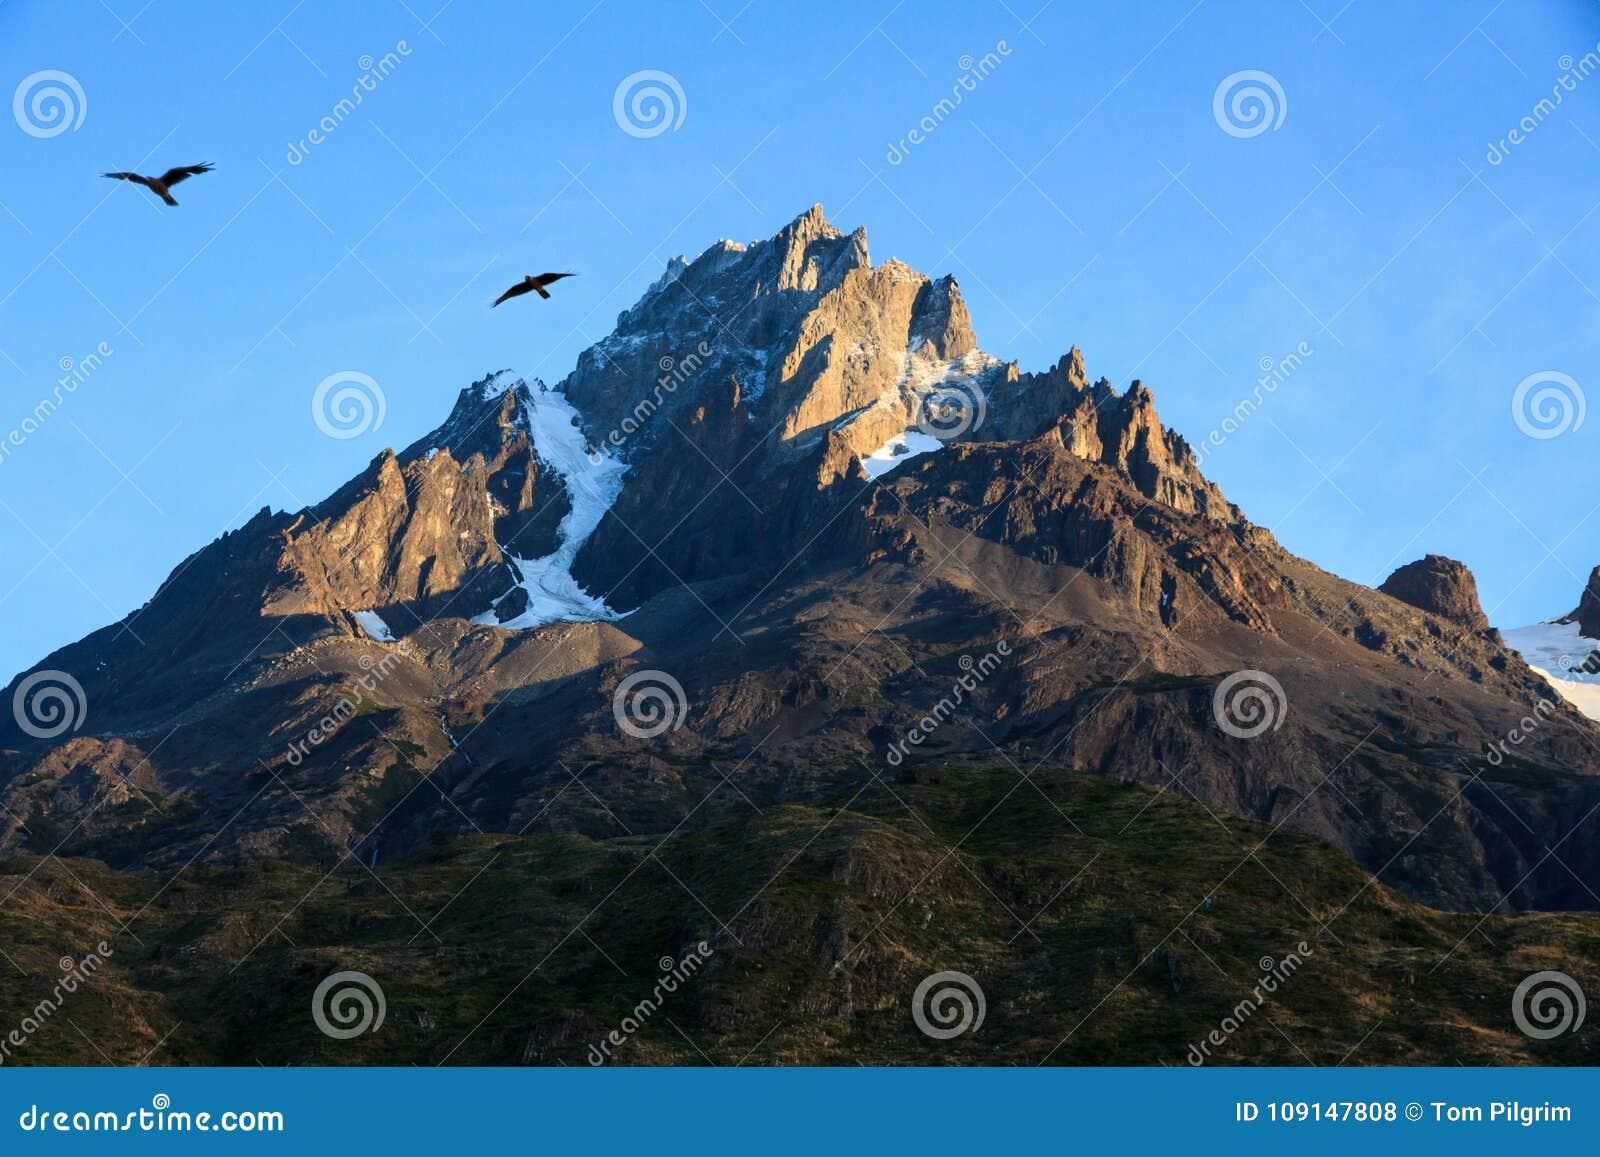 Dwa Caracaras sylwetkowego przeciw niebieskiemu niebu nad skalistą granitową górą, Torres Del Paine park narodowy